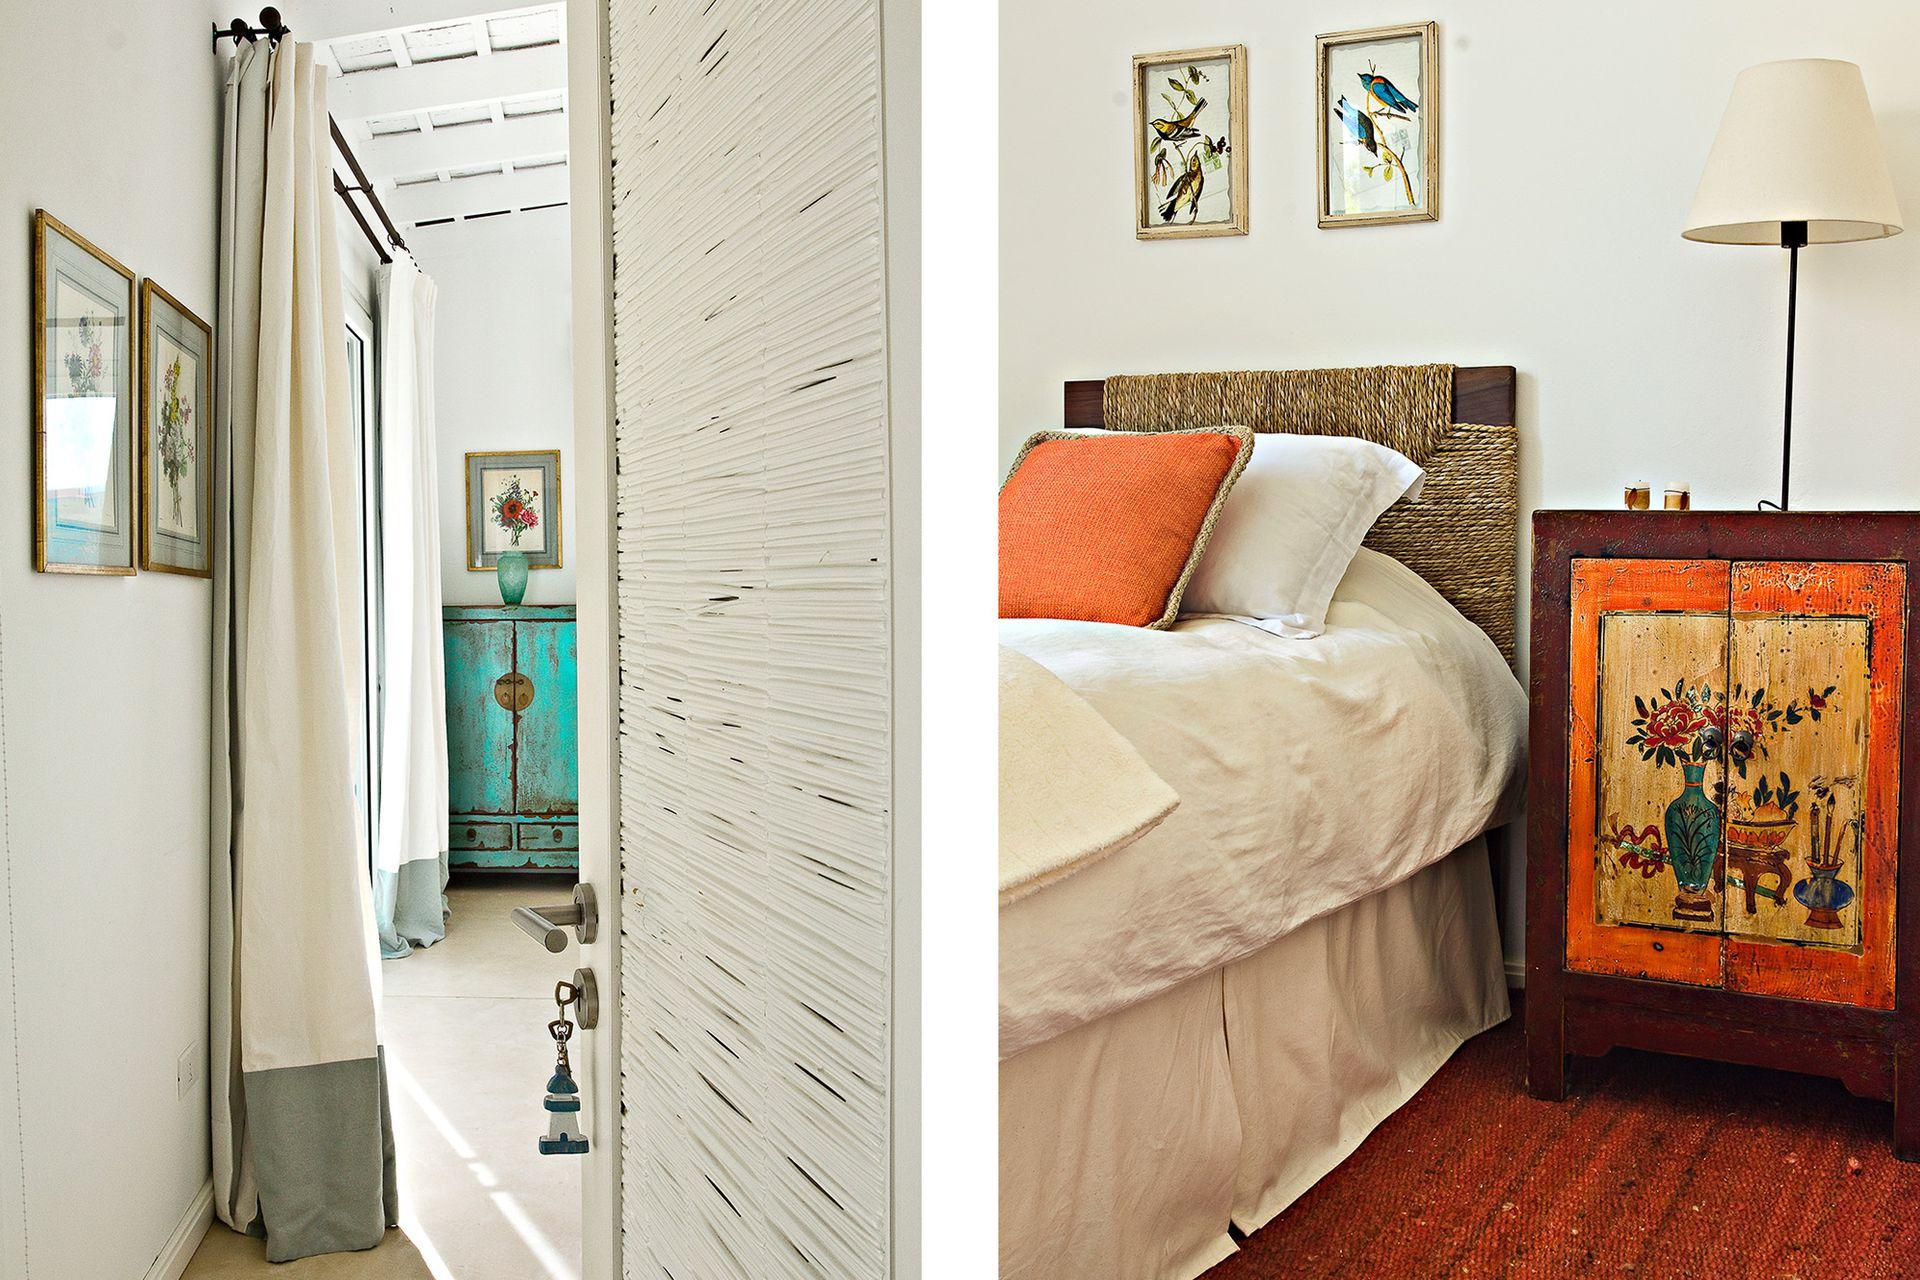 Las puertas de los dormitorios se hicieron artesanalmente, con marcos de madera y esterilla de mimbre pintada con látex blanco.